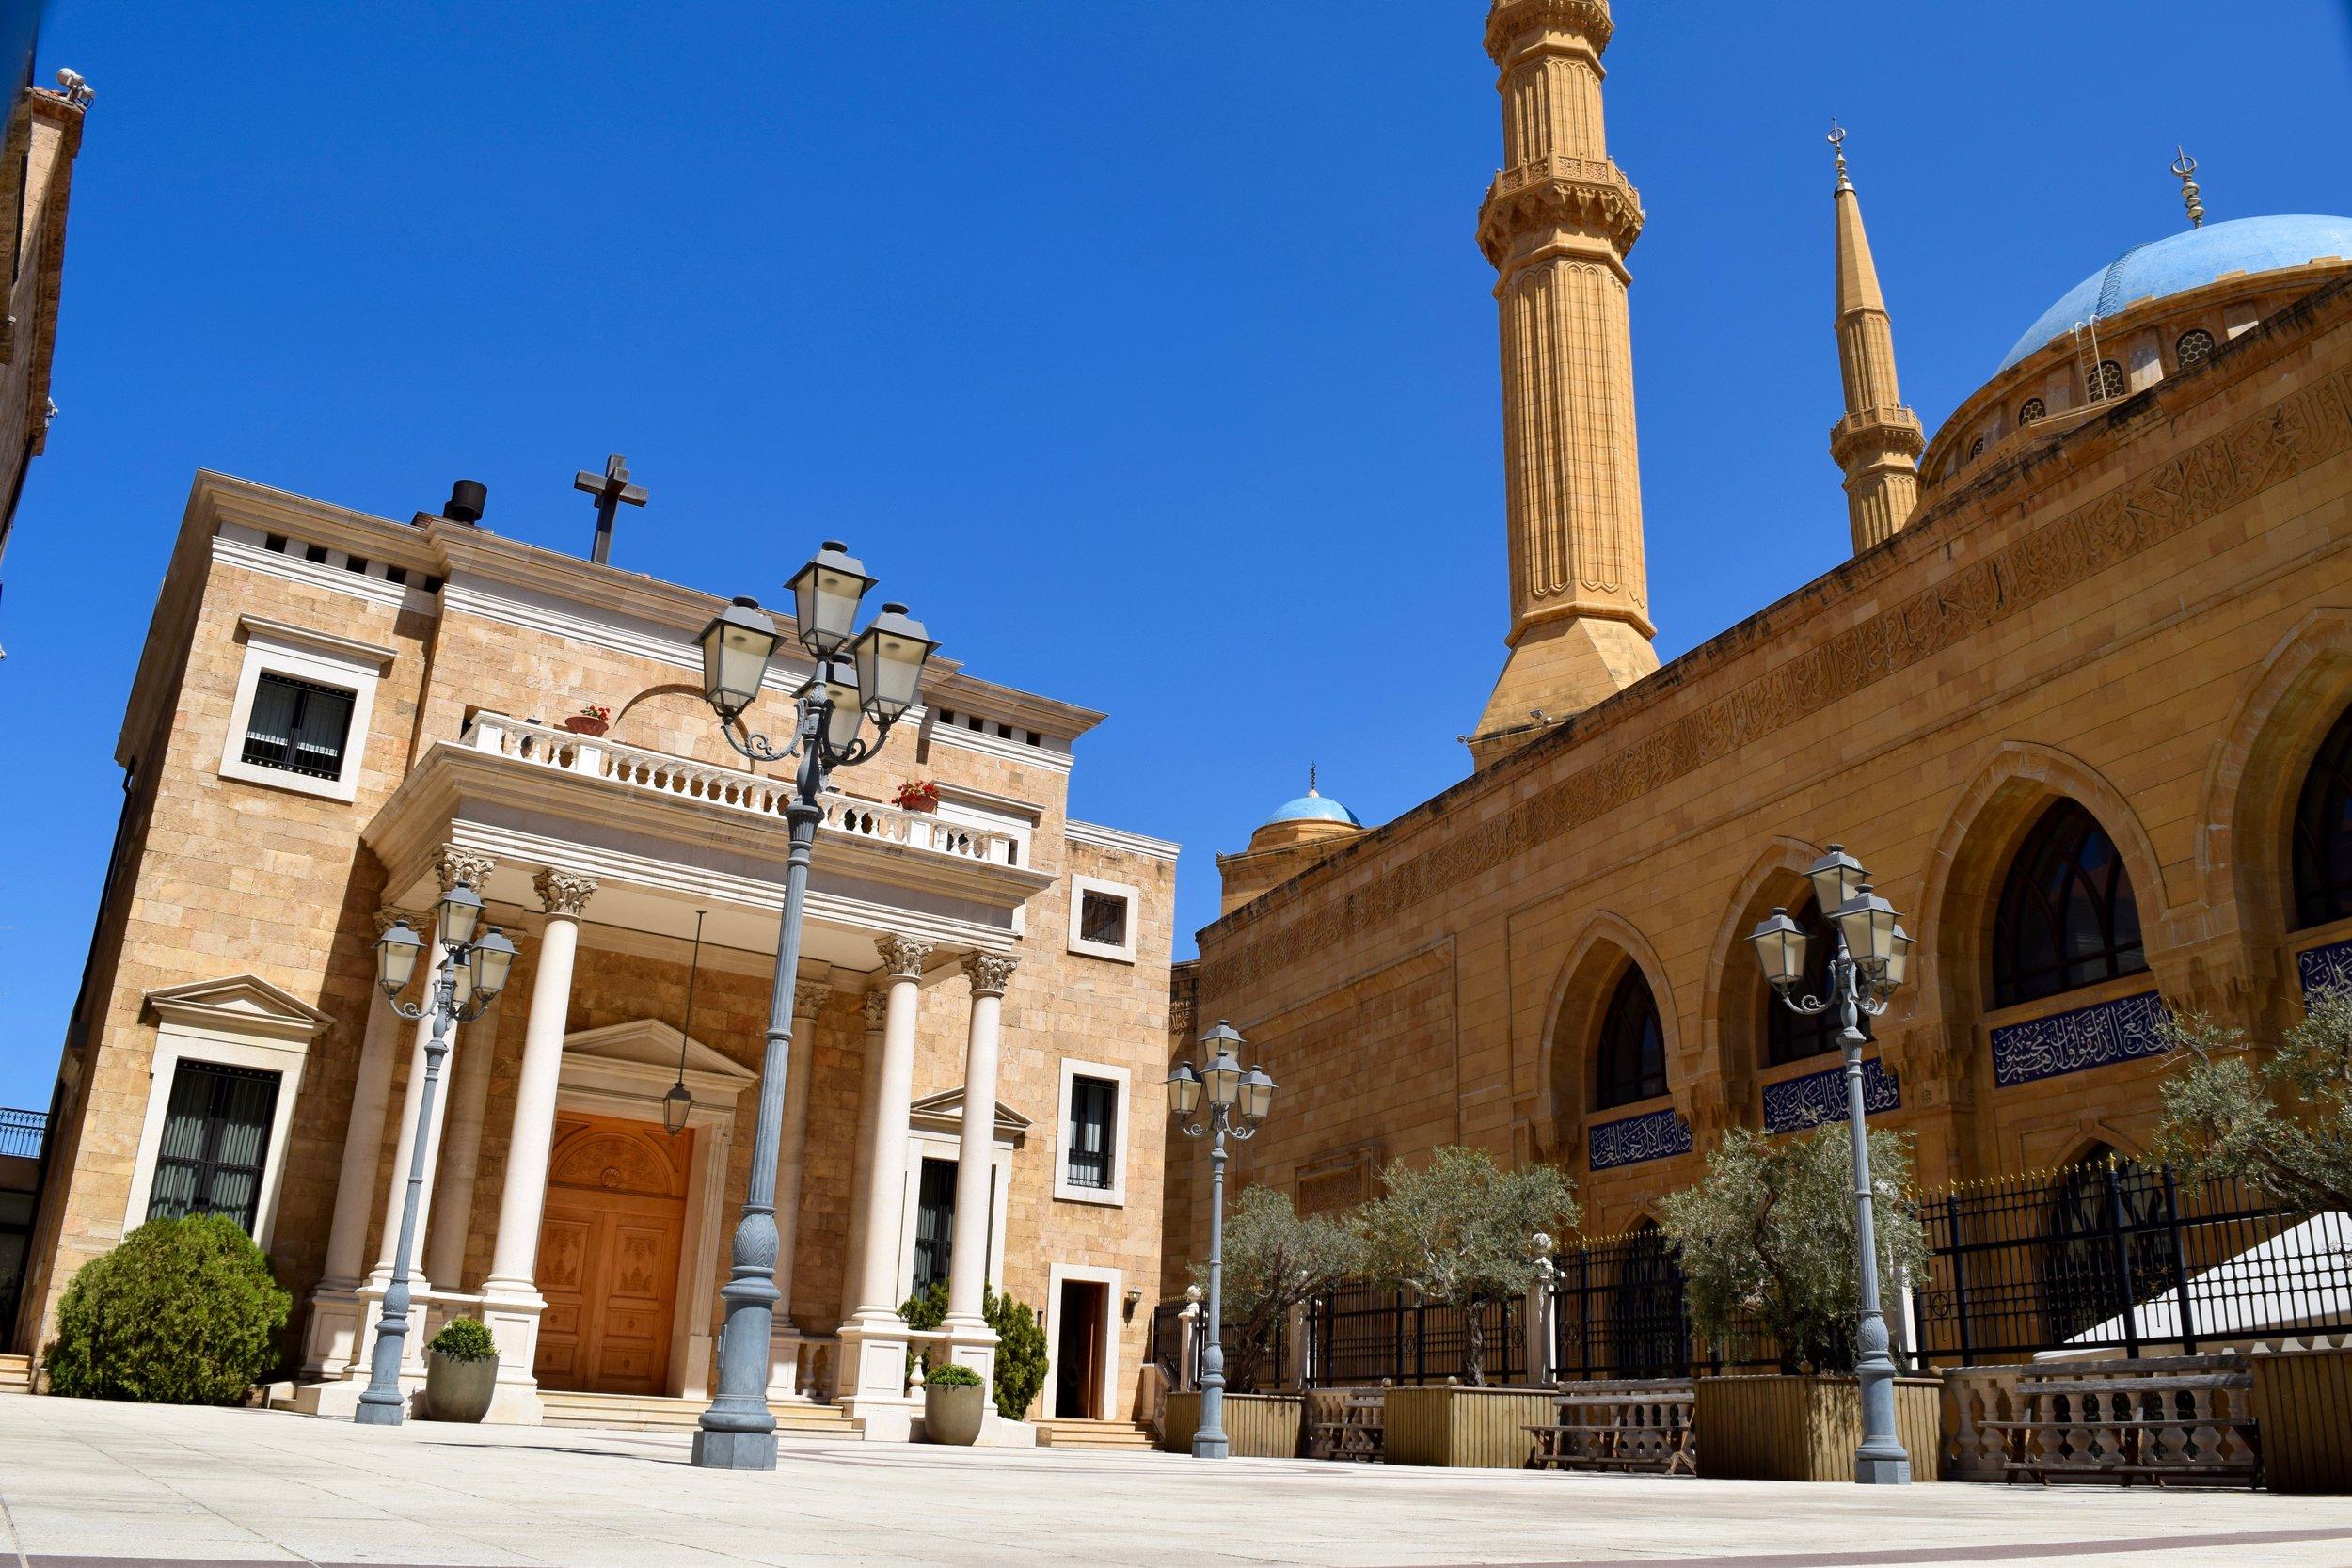 St. George Maronite & Mohammad Al-Amin Mosque